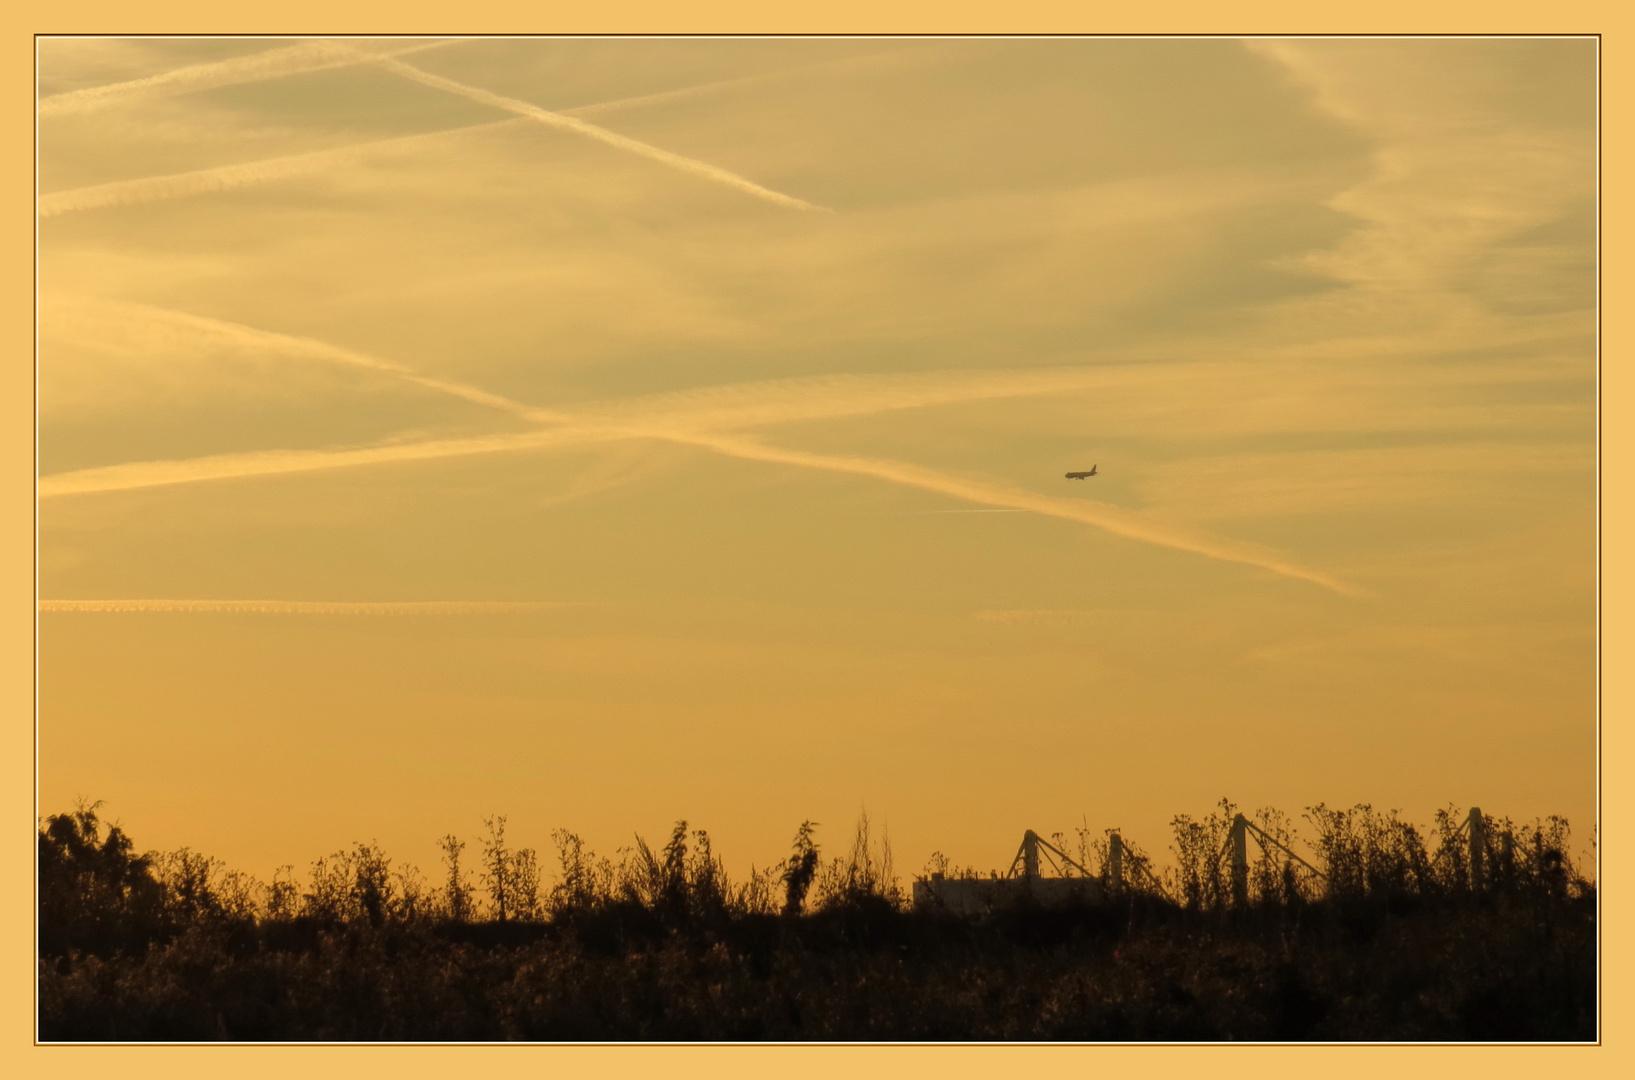 die Sonne erwacht gerade, dann kommt die B1, dahinter Feld und Ackerland,